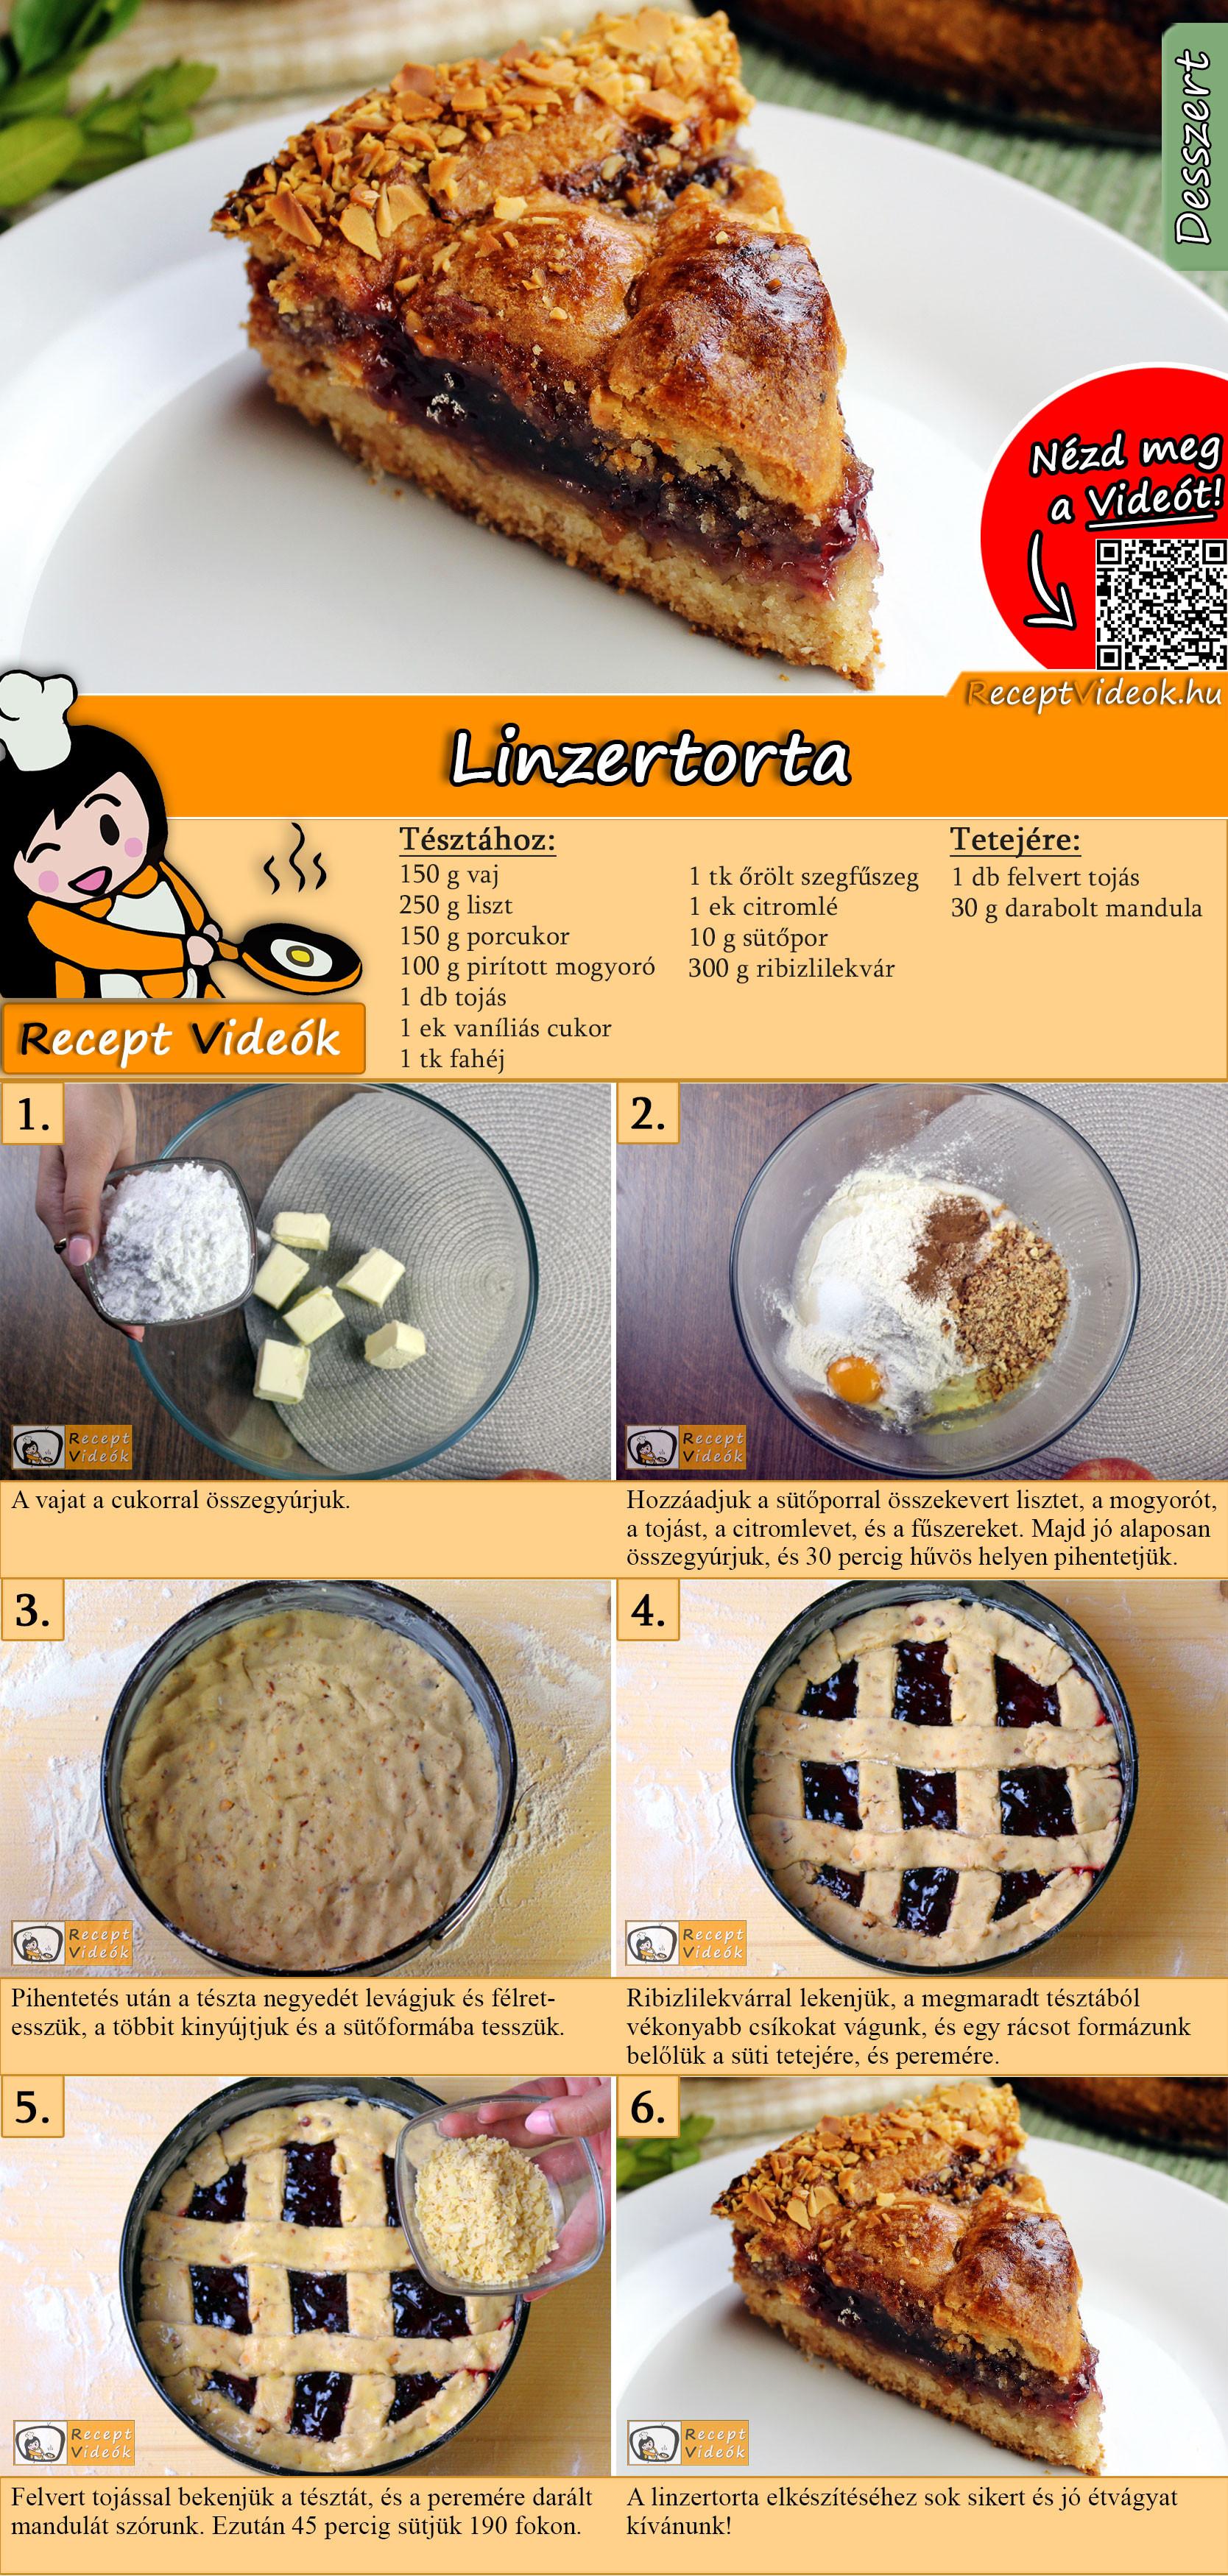 Linzertorta recept elkészítése videóval